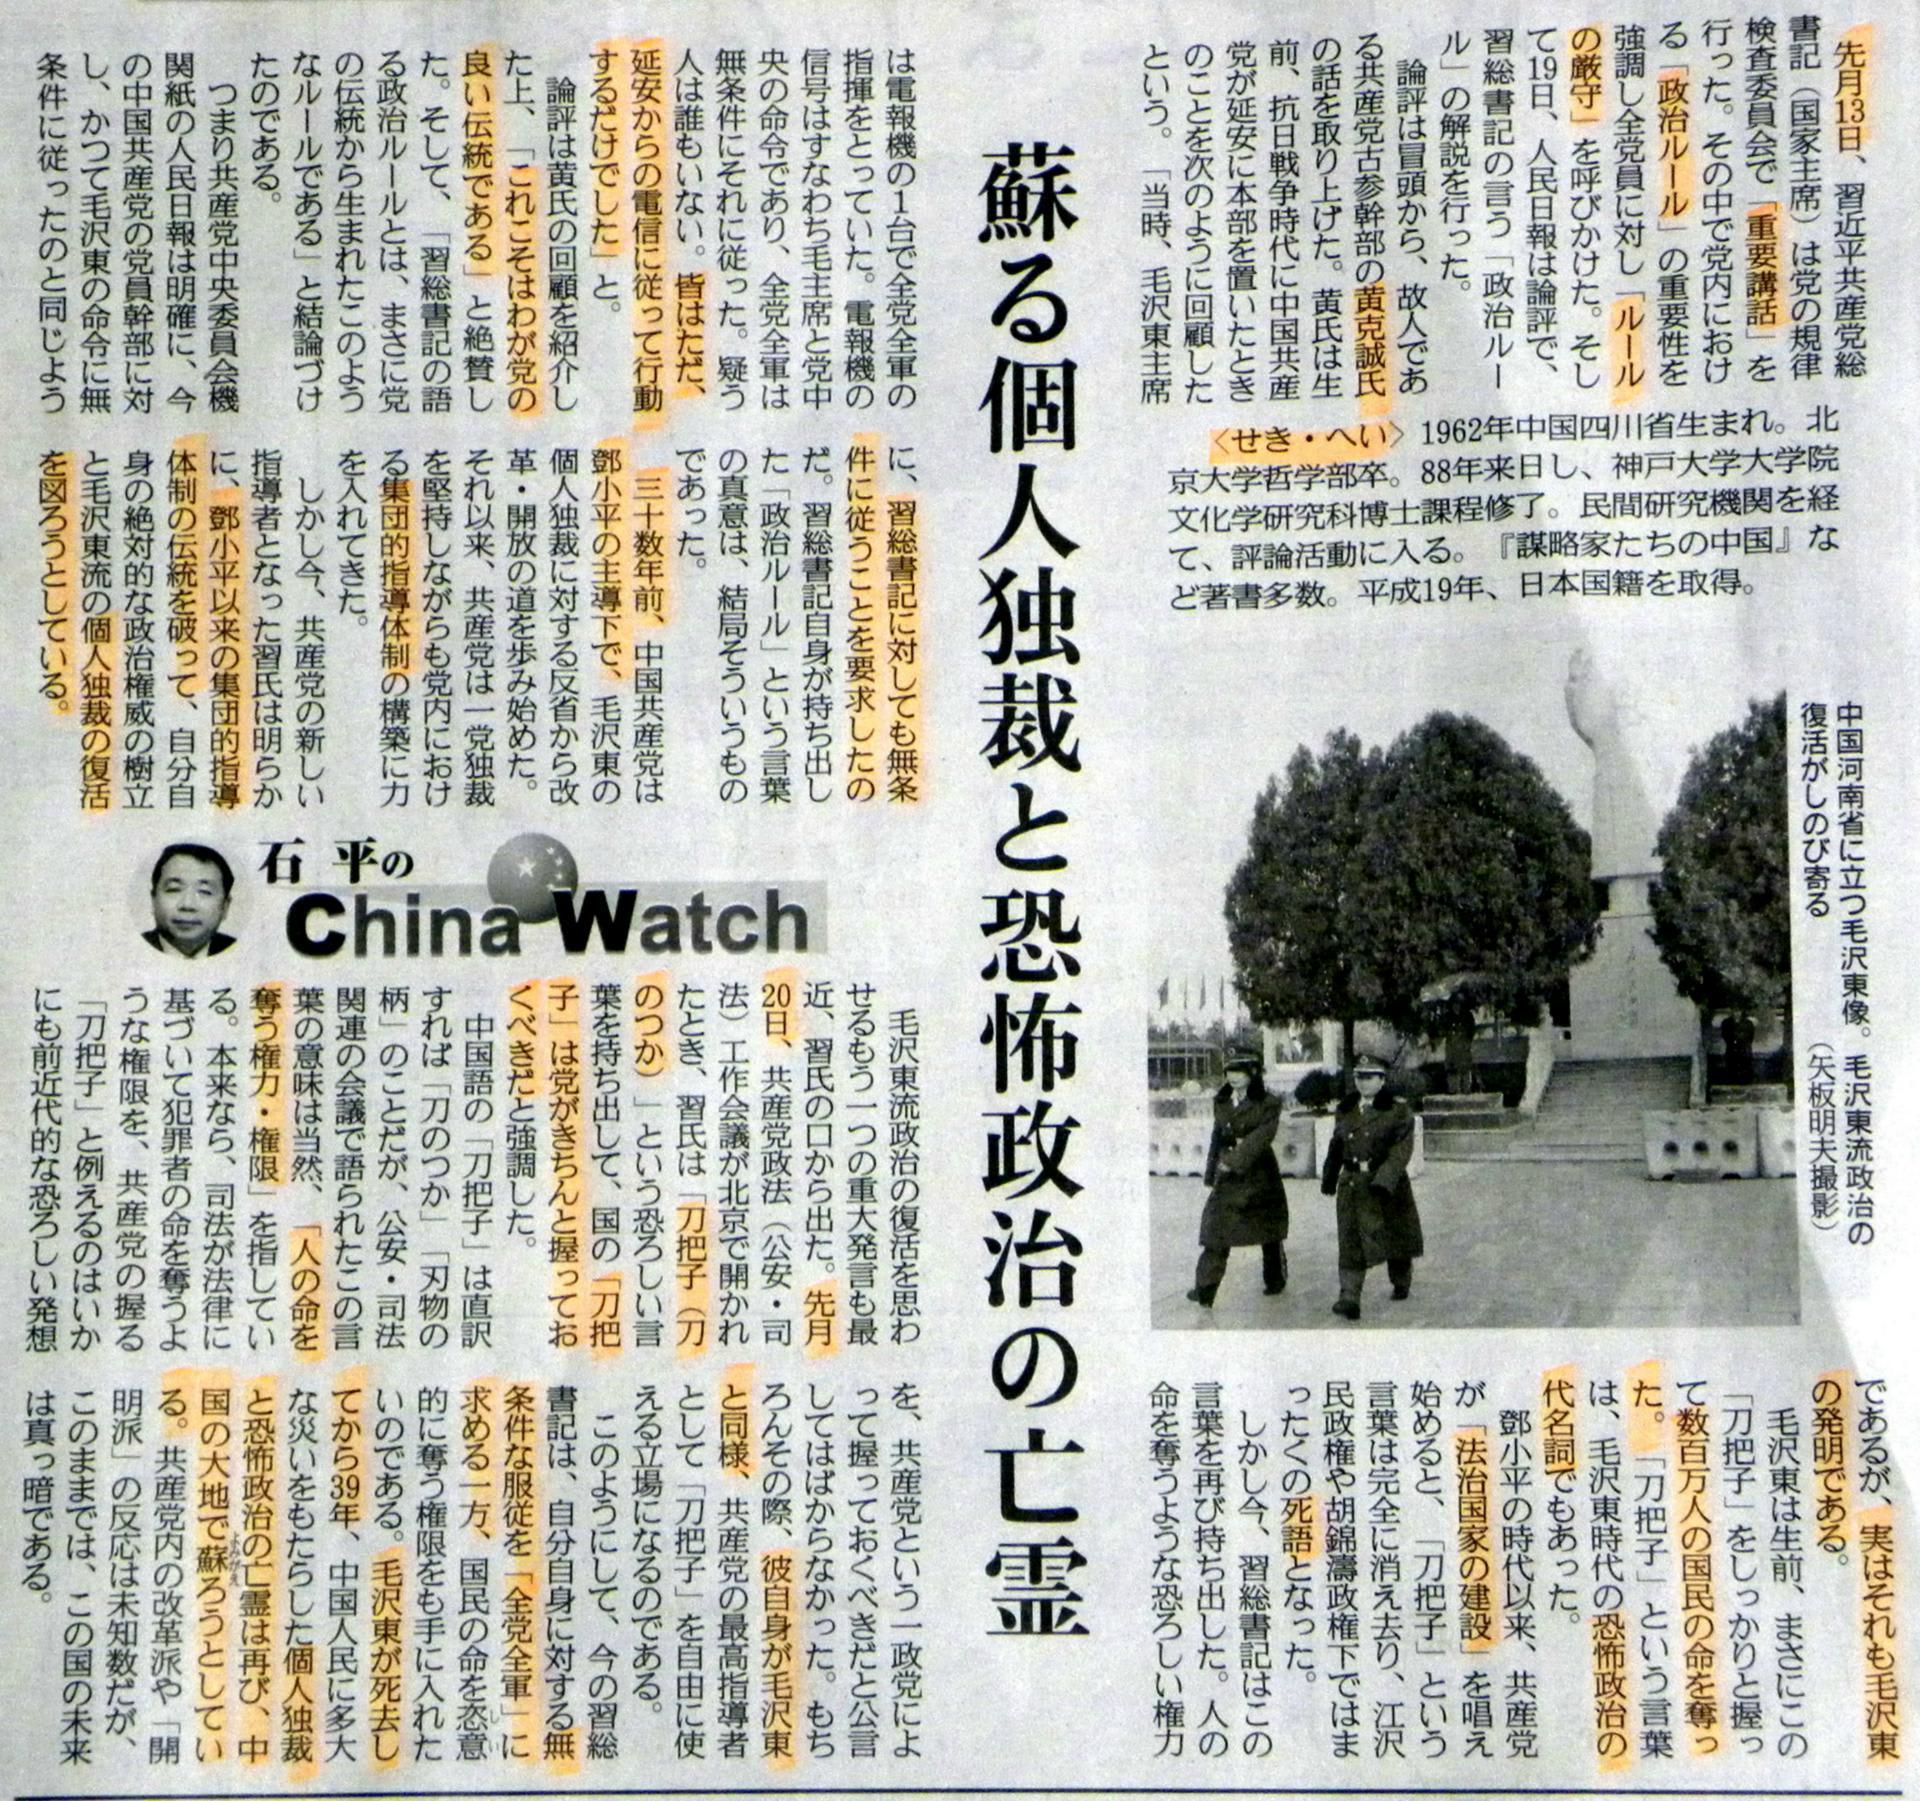 習氏の独裁政治 阿比留氏の「極言御免」と  賢太/山口の新聞・雑誌特選